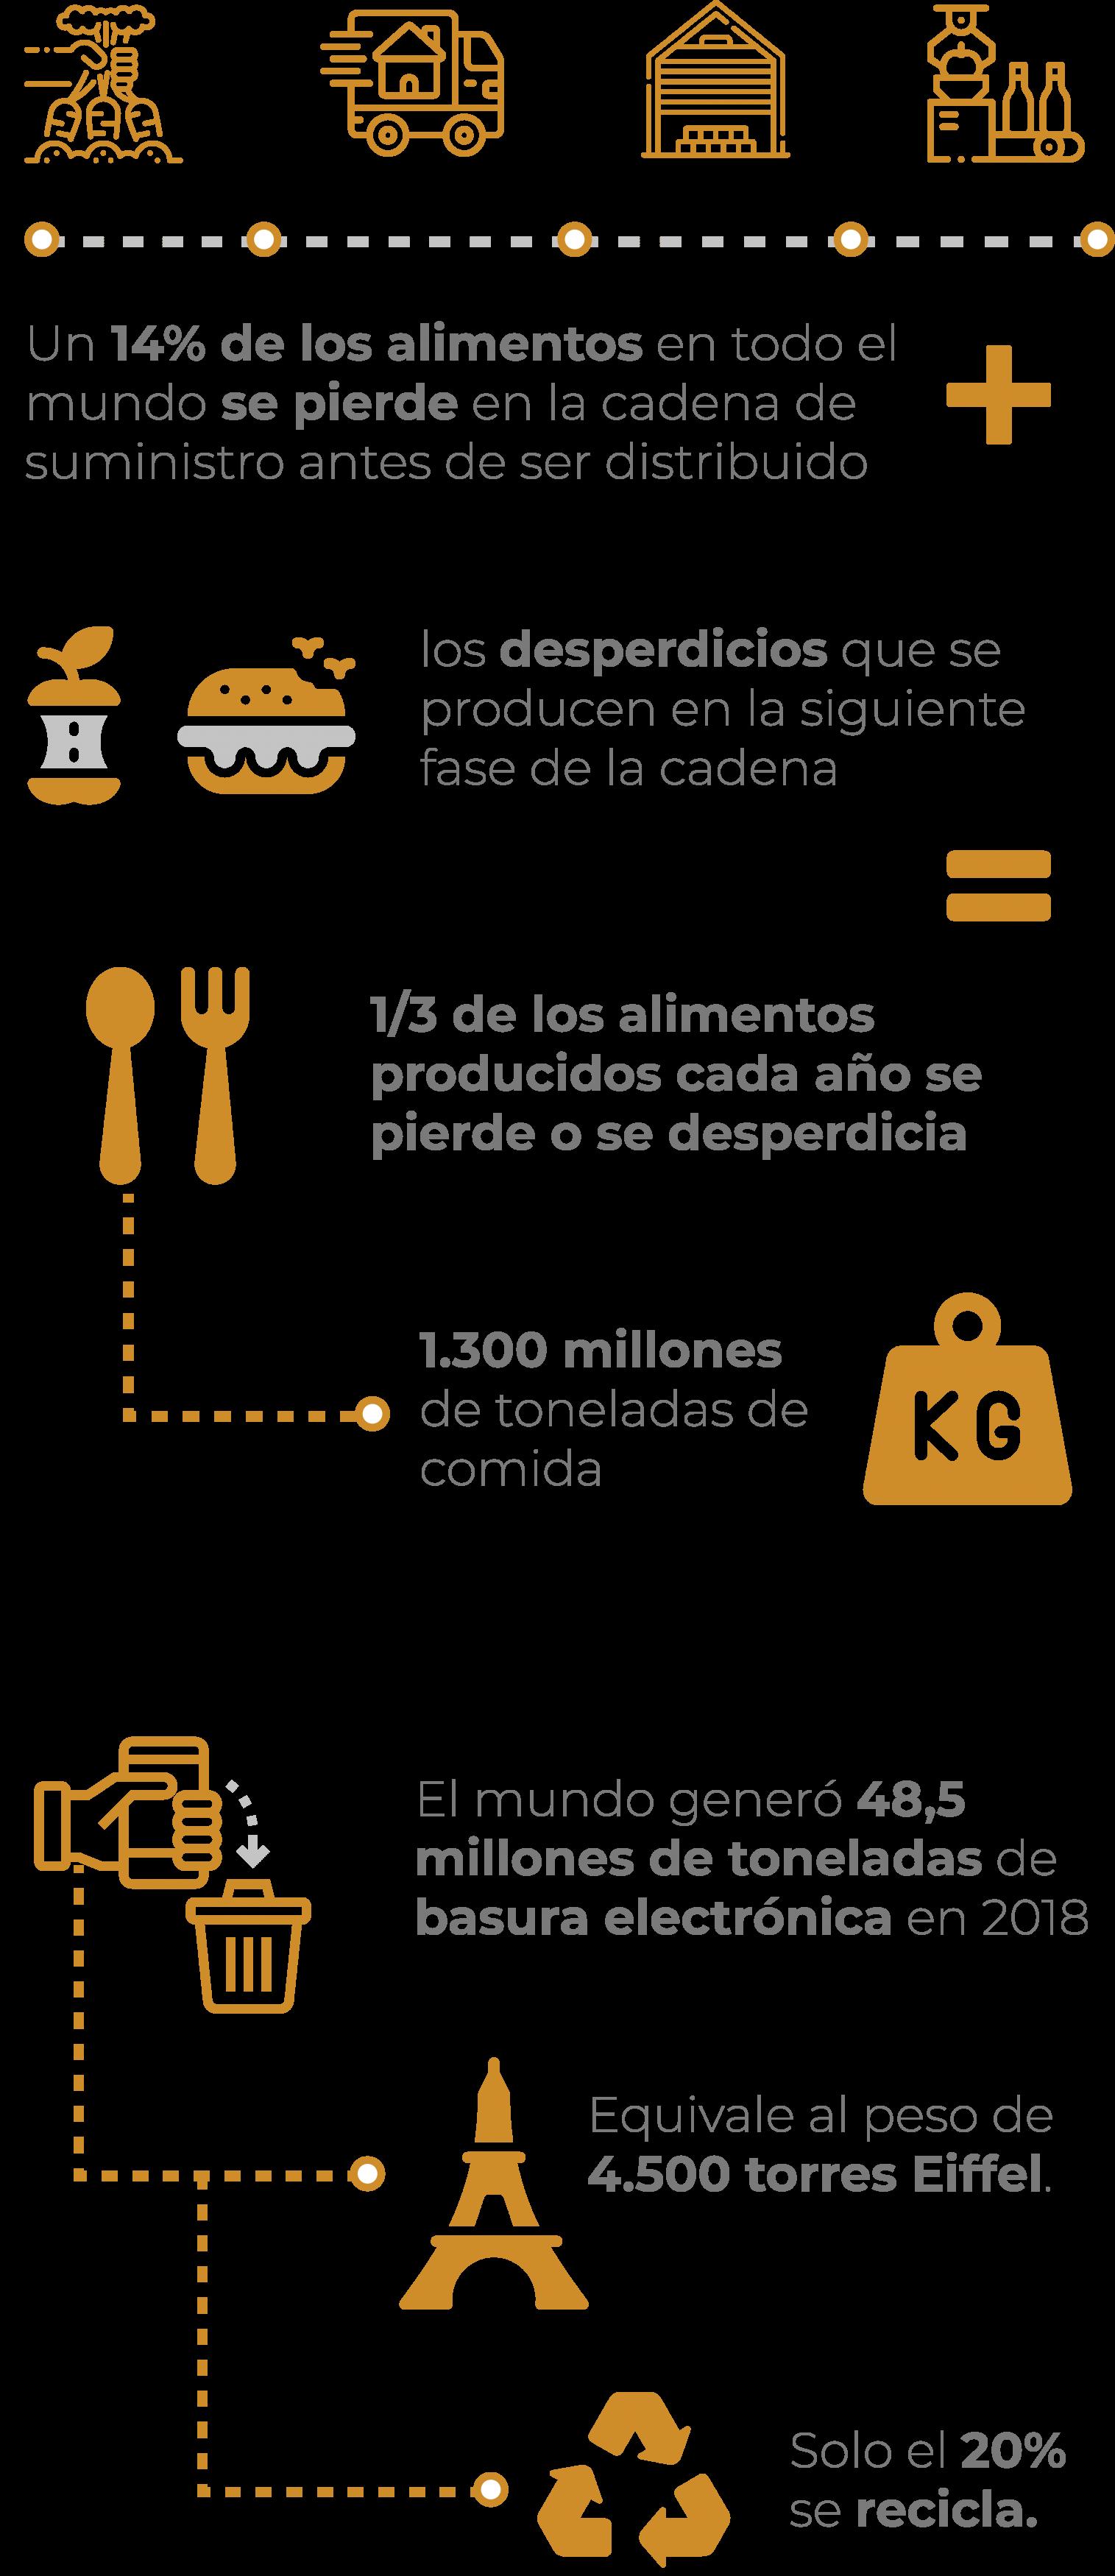 OSD 12. Producción y consumo responsables